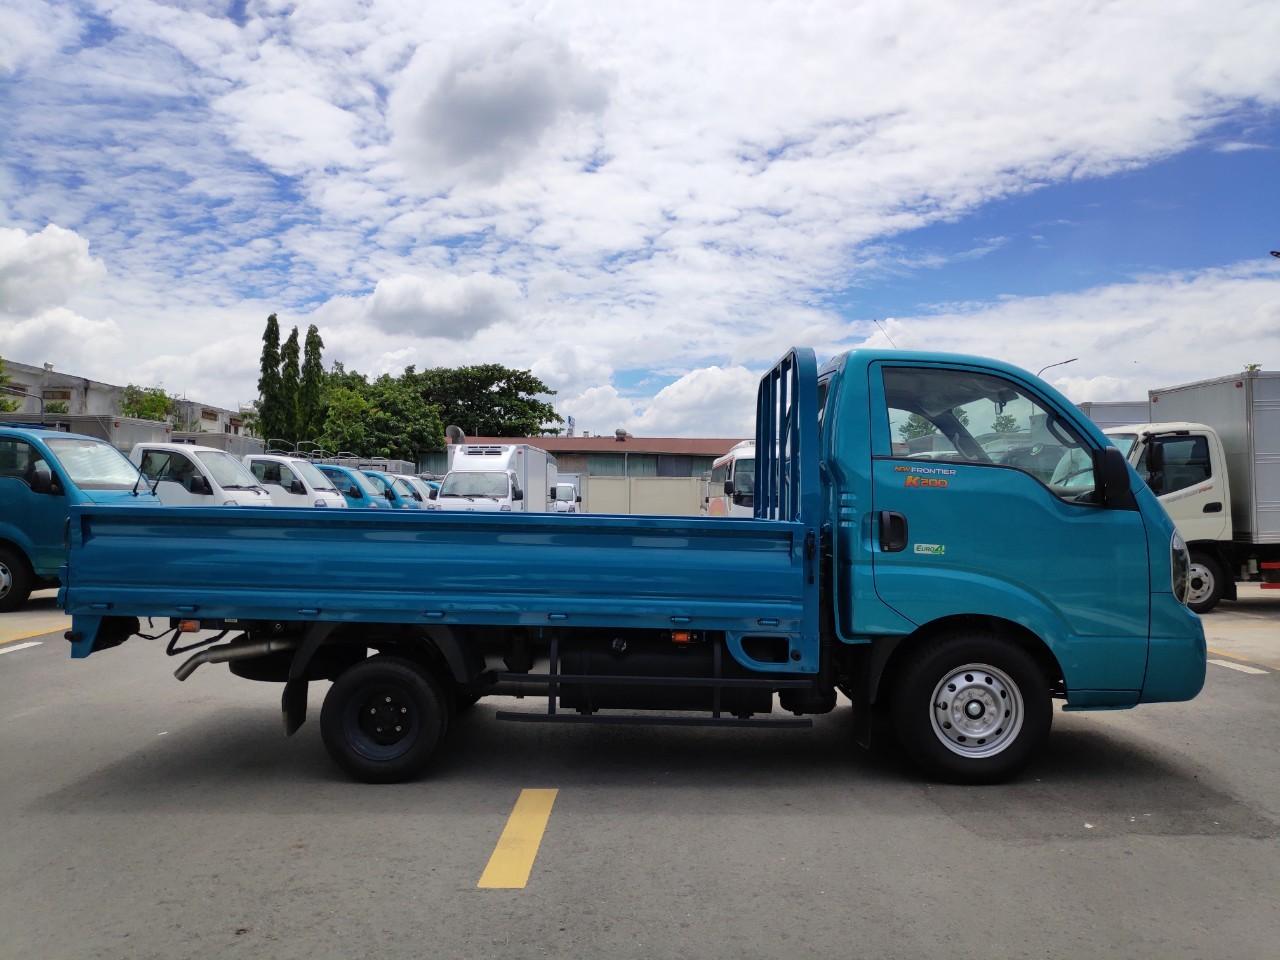 Bán Kia K200 2019 thùng lửng, ưu đãi 50% phí trước bạ tháng 10, liên hệ ngay: 0938802127